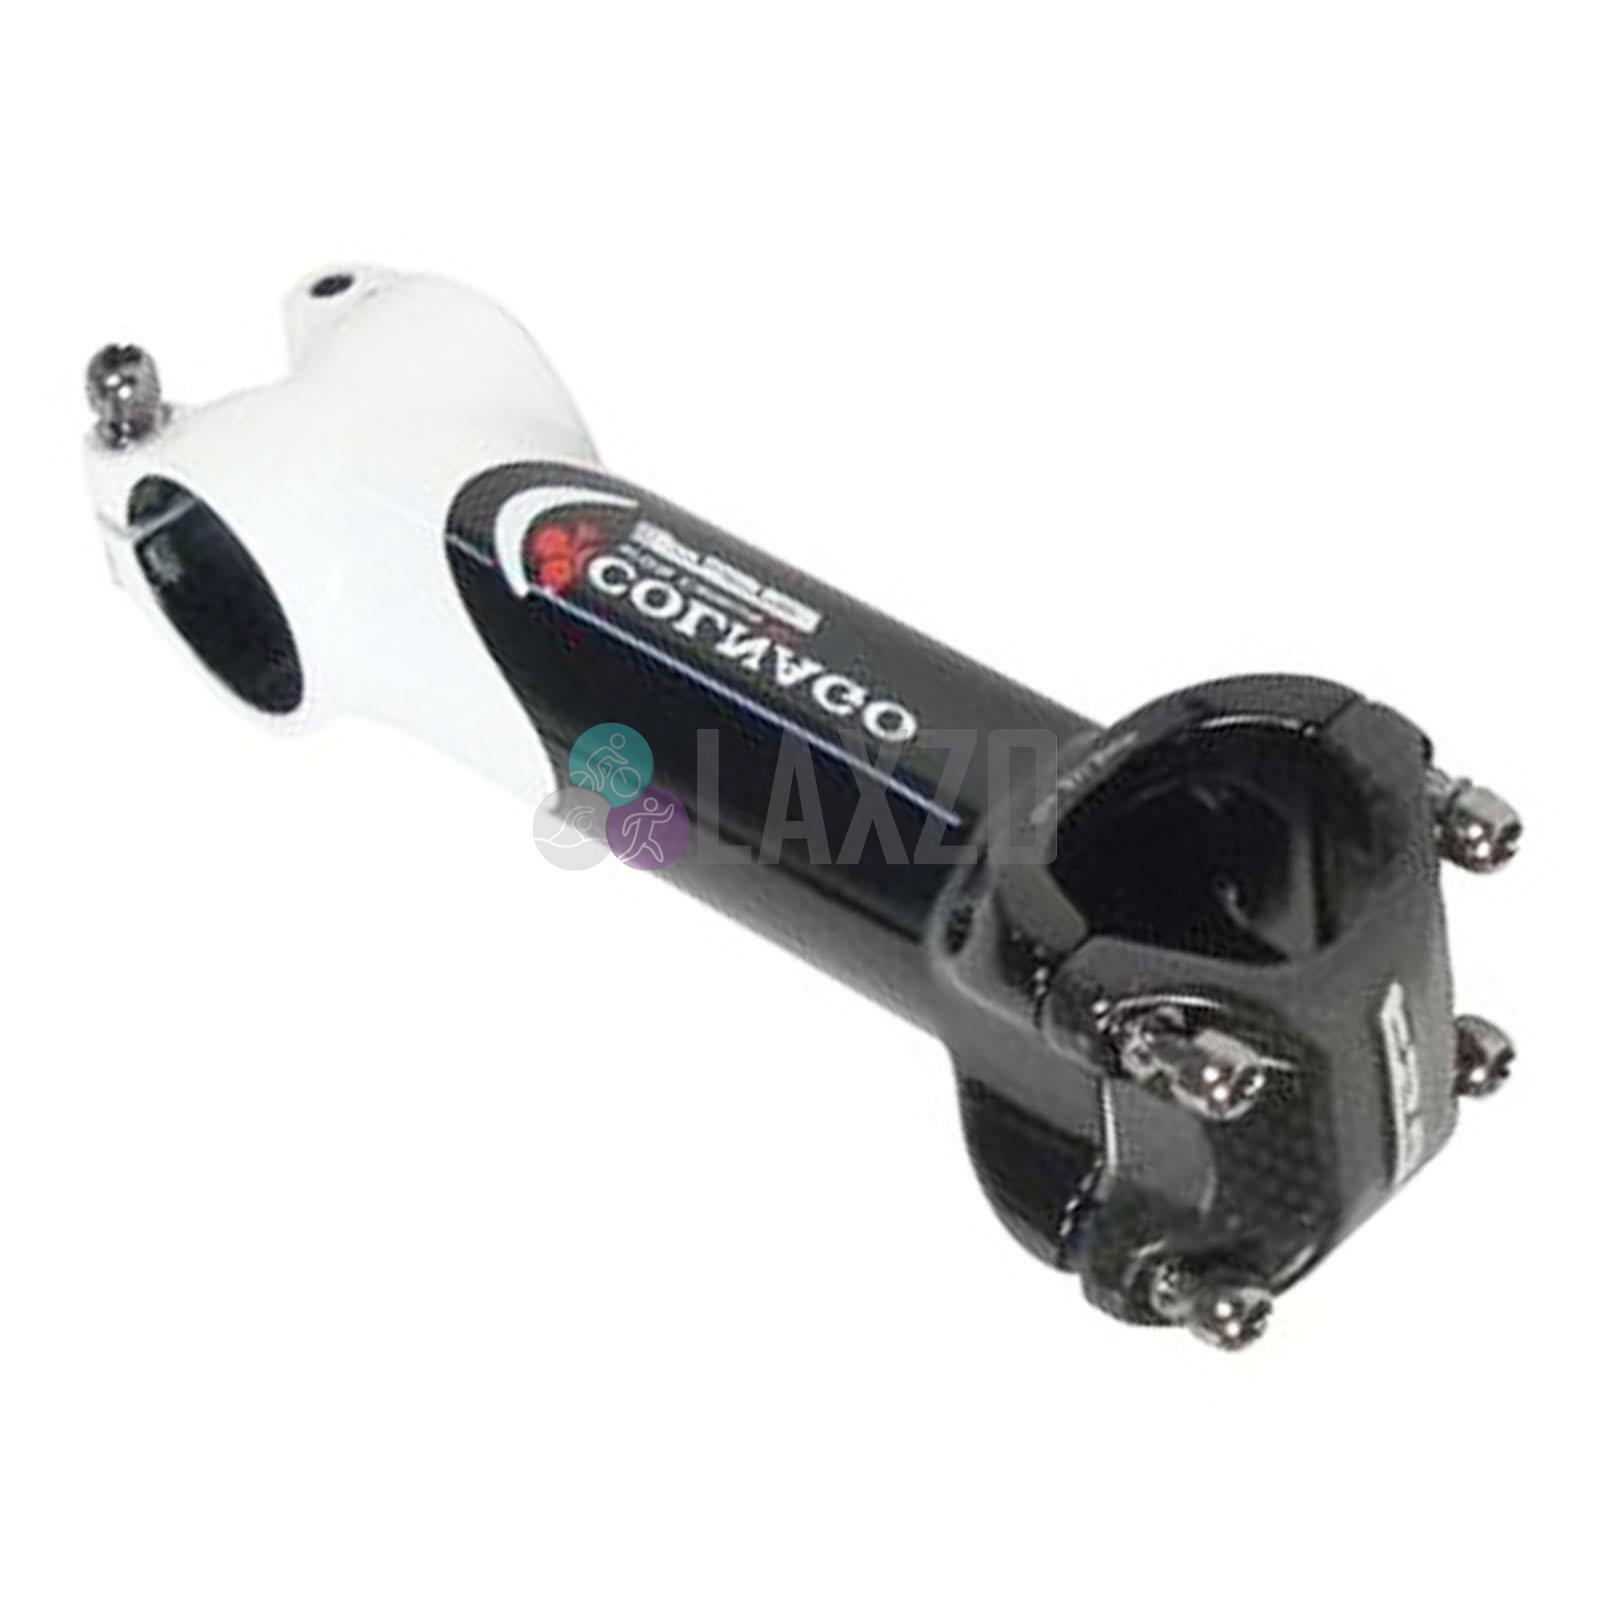 Bicicleta Tallo Fibra Carbono 31.8mm&1.1 8 Dirección CNC 120mm OS-150 B W